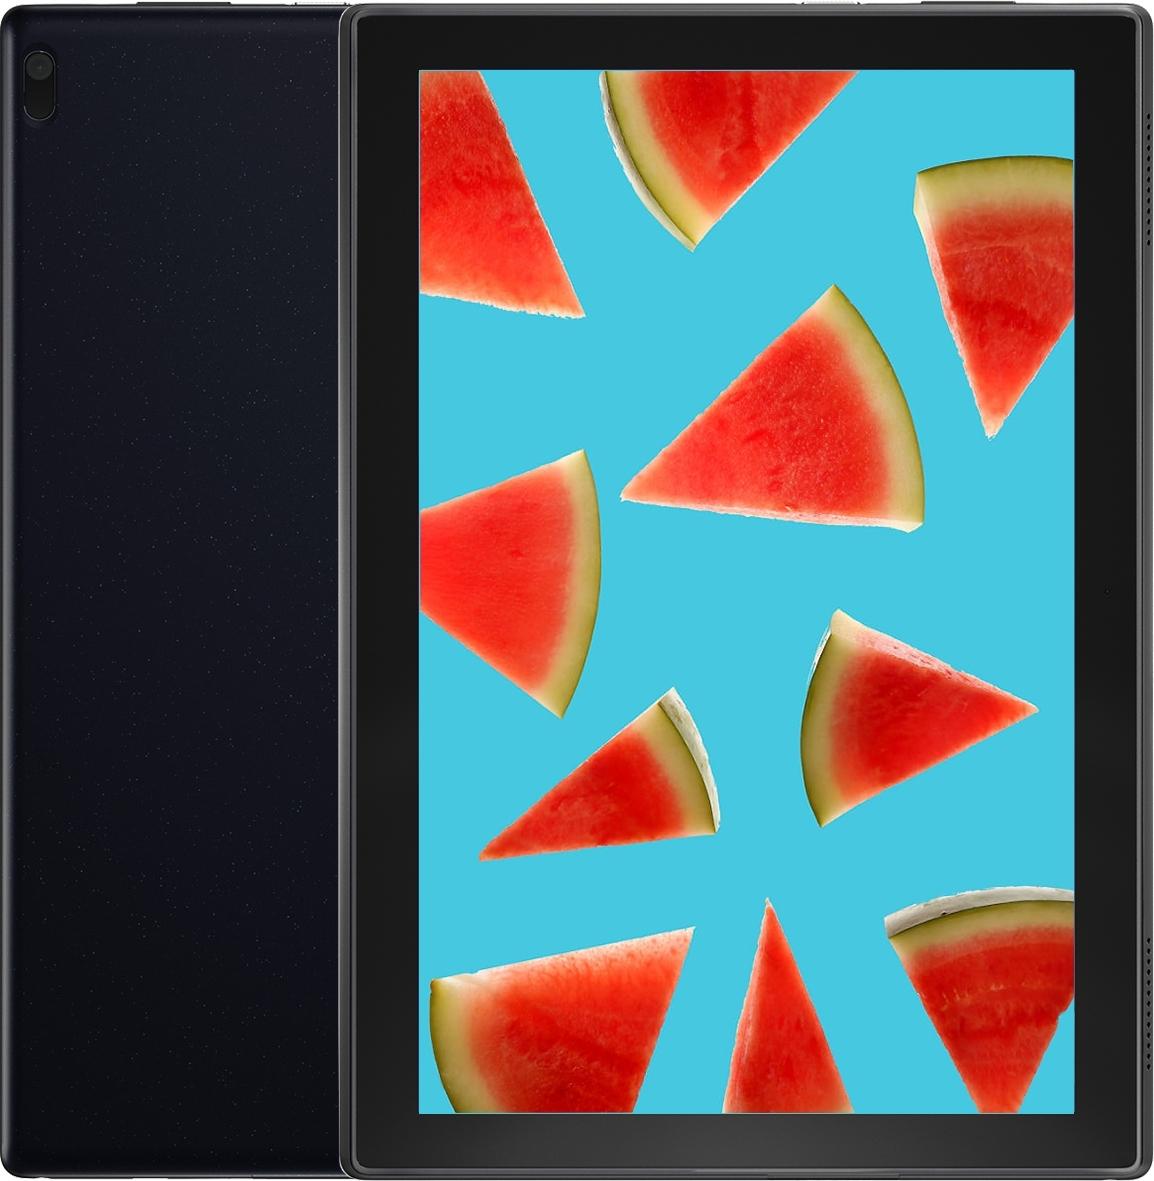 Купить Планшет Lenovo Tab 4 TB-X304L (ZA2K0056RU) черный, Tab 4 TB-X304L 16Gb, Черный, Китай